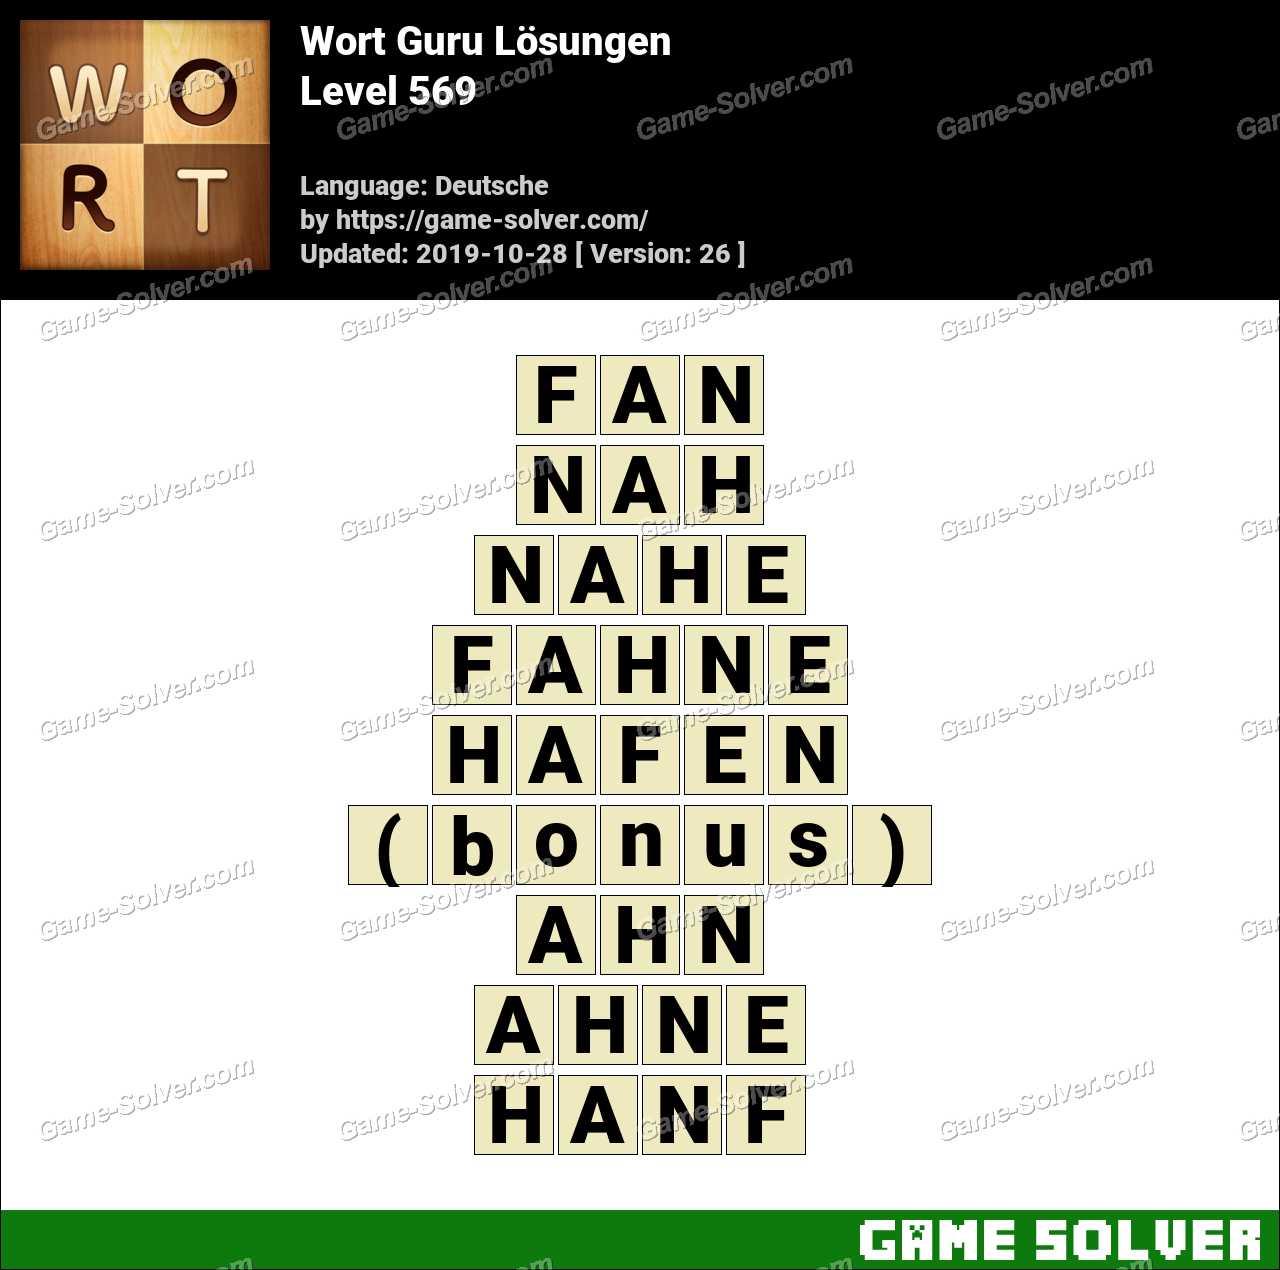 Wort Guru Level 569 Lösungen